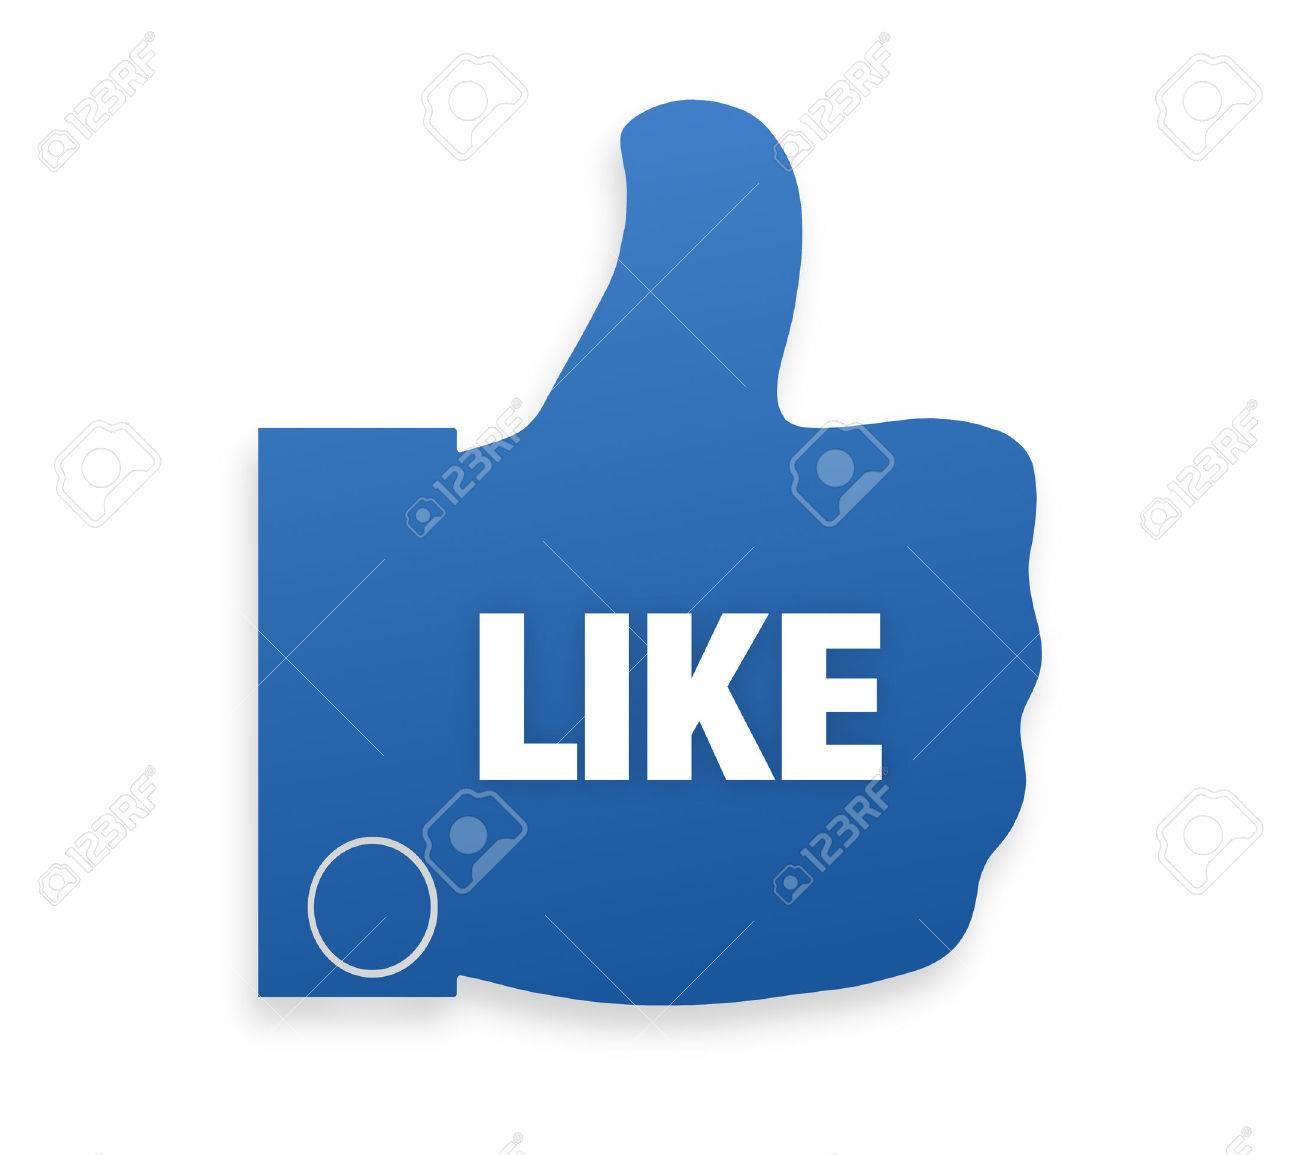 Like - 45135952